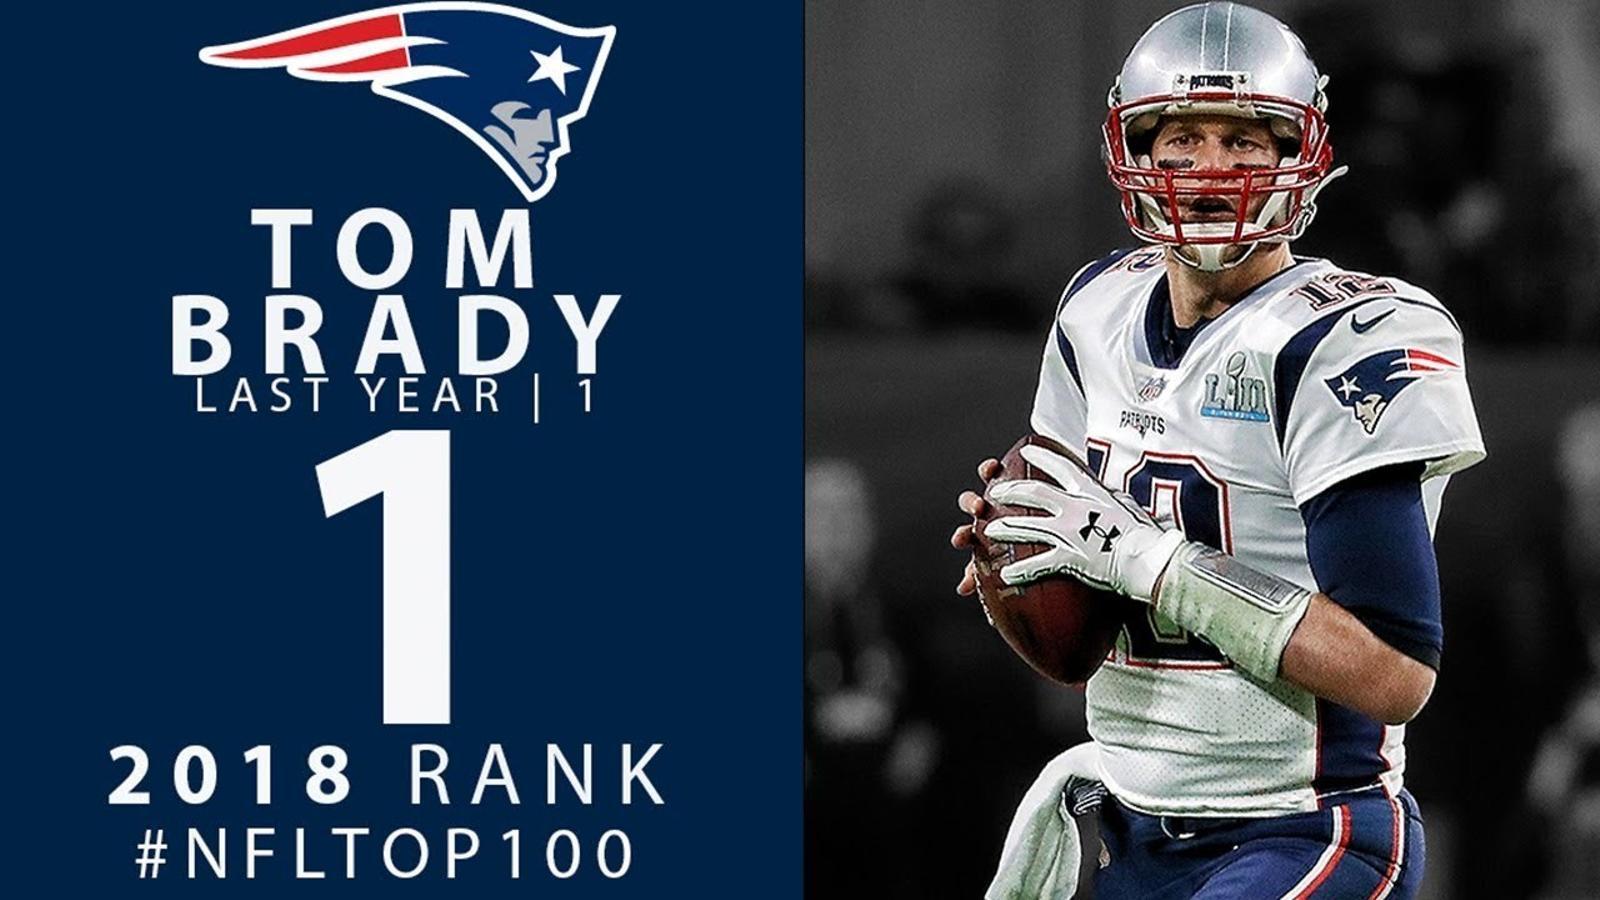 Tom Brady ha participat en 9 Super Bowls